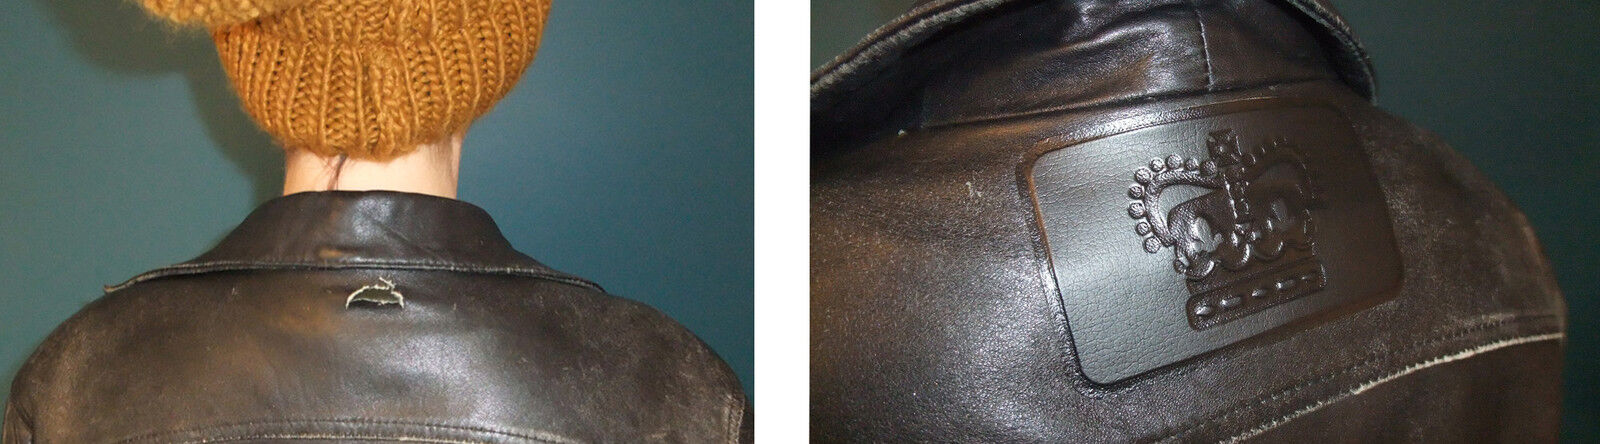 Leather Car Seat Repair London